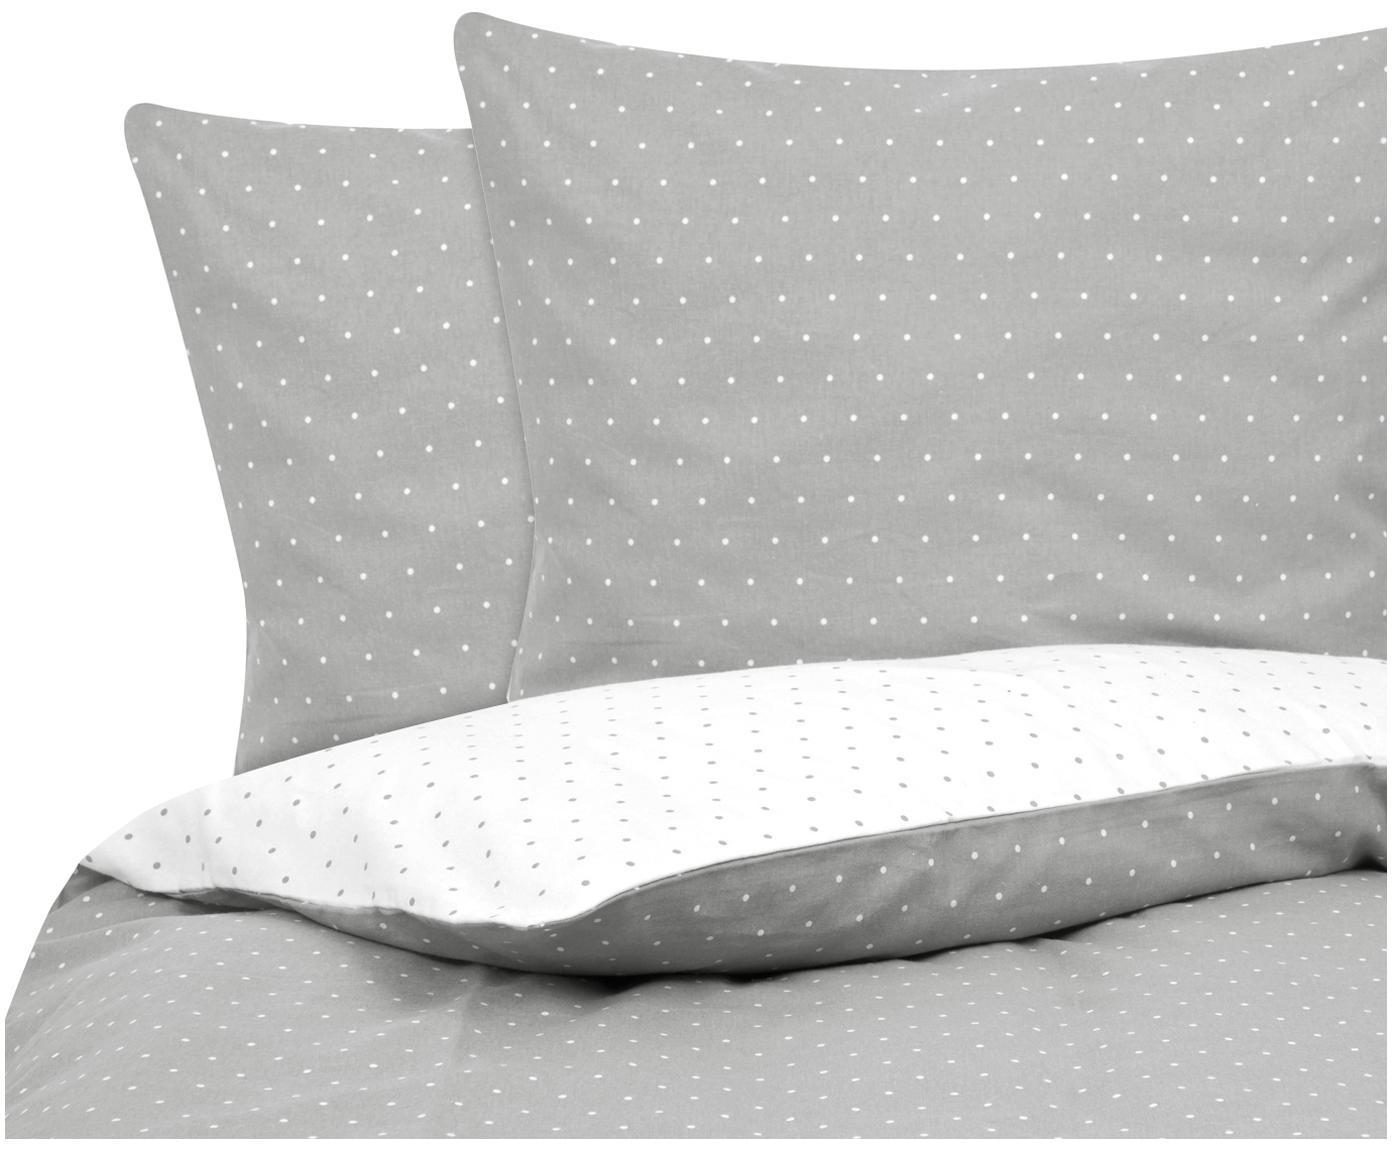 Flanell-Wendebettwäsche Betty, gepunktet, Webart: Flanell Flanell ist ein s, Grau, Weiß, 200 x 200 cm + 2 Kissen 80 x 80 cm